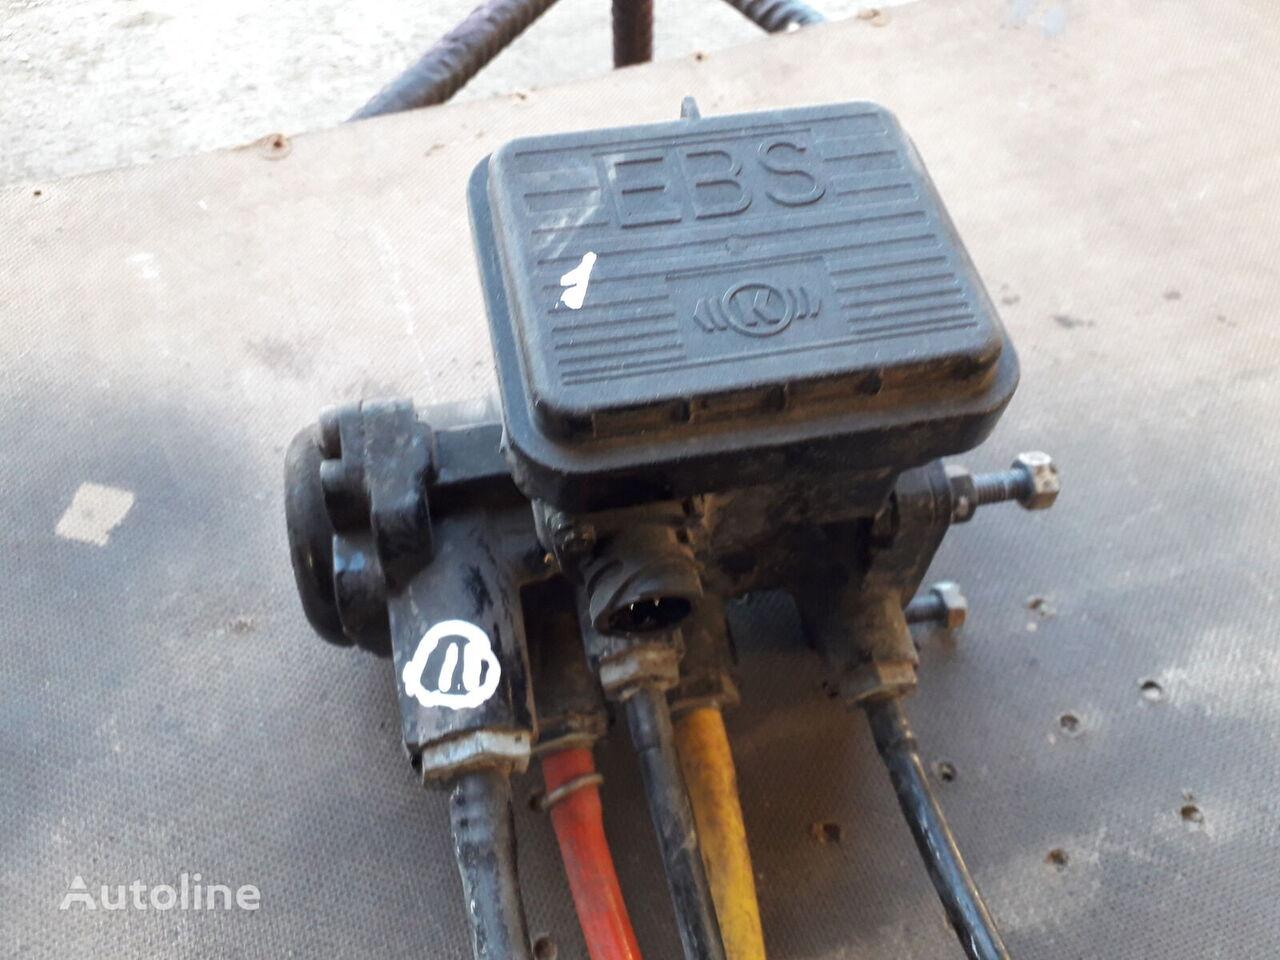 KNORR-BREMSE K000917 (81.523016212) EBS modulator for MAN TGA tractor unit